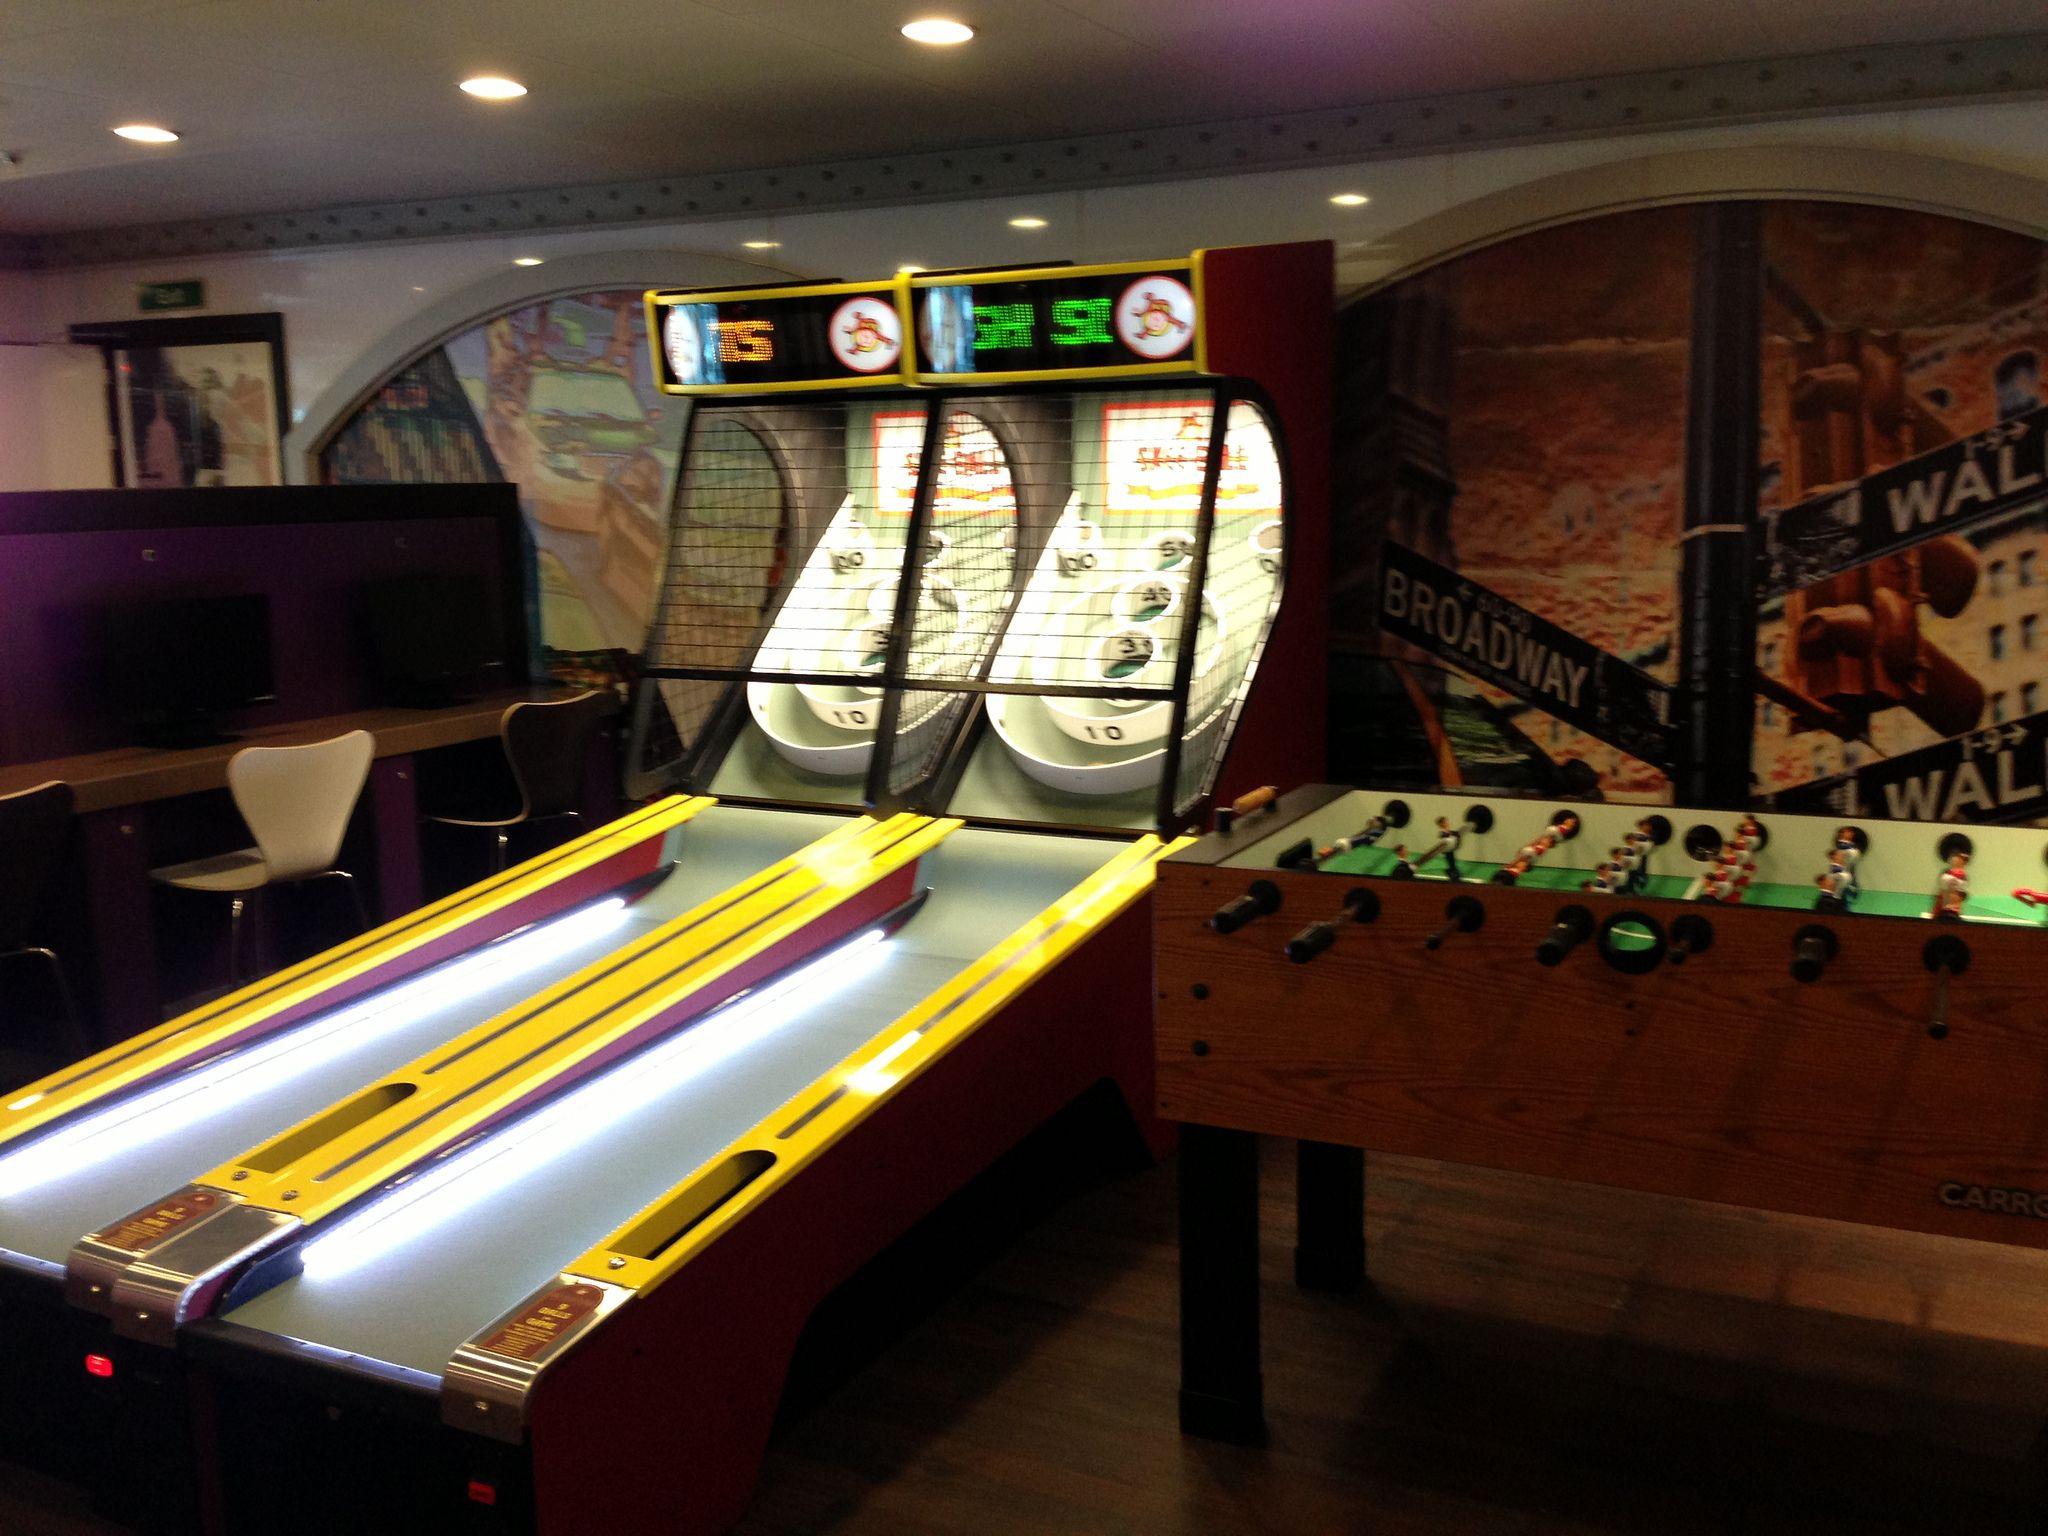 Pin On Teens Indoor Clubs